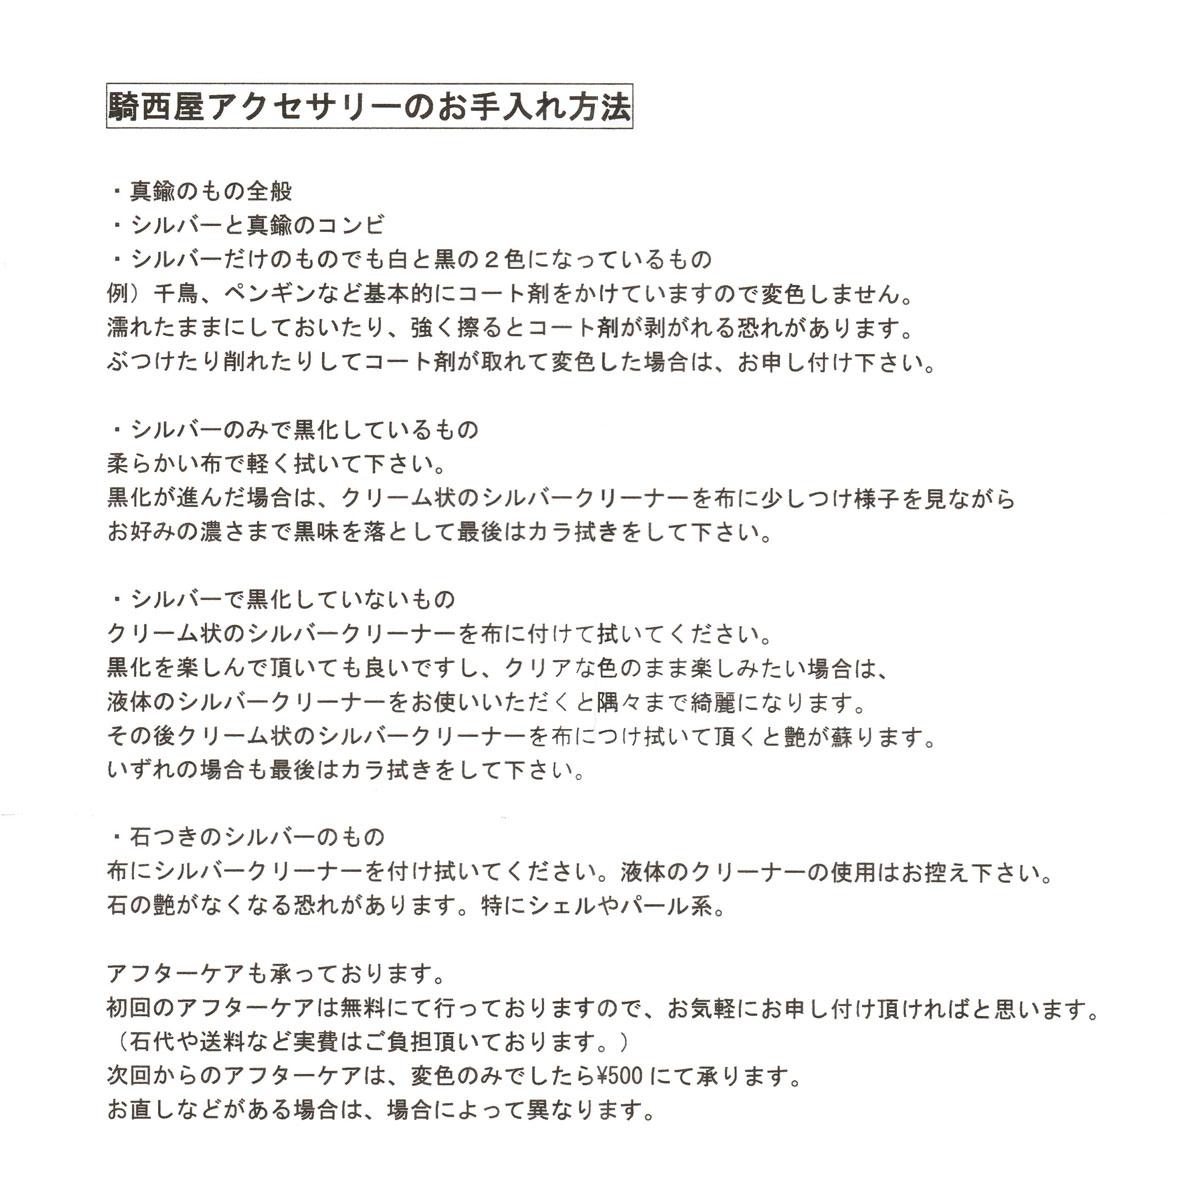 帯留 蜘蛛の囲/チャーム 蜘蛛 【騎西屋/店頭在庫】